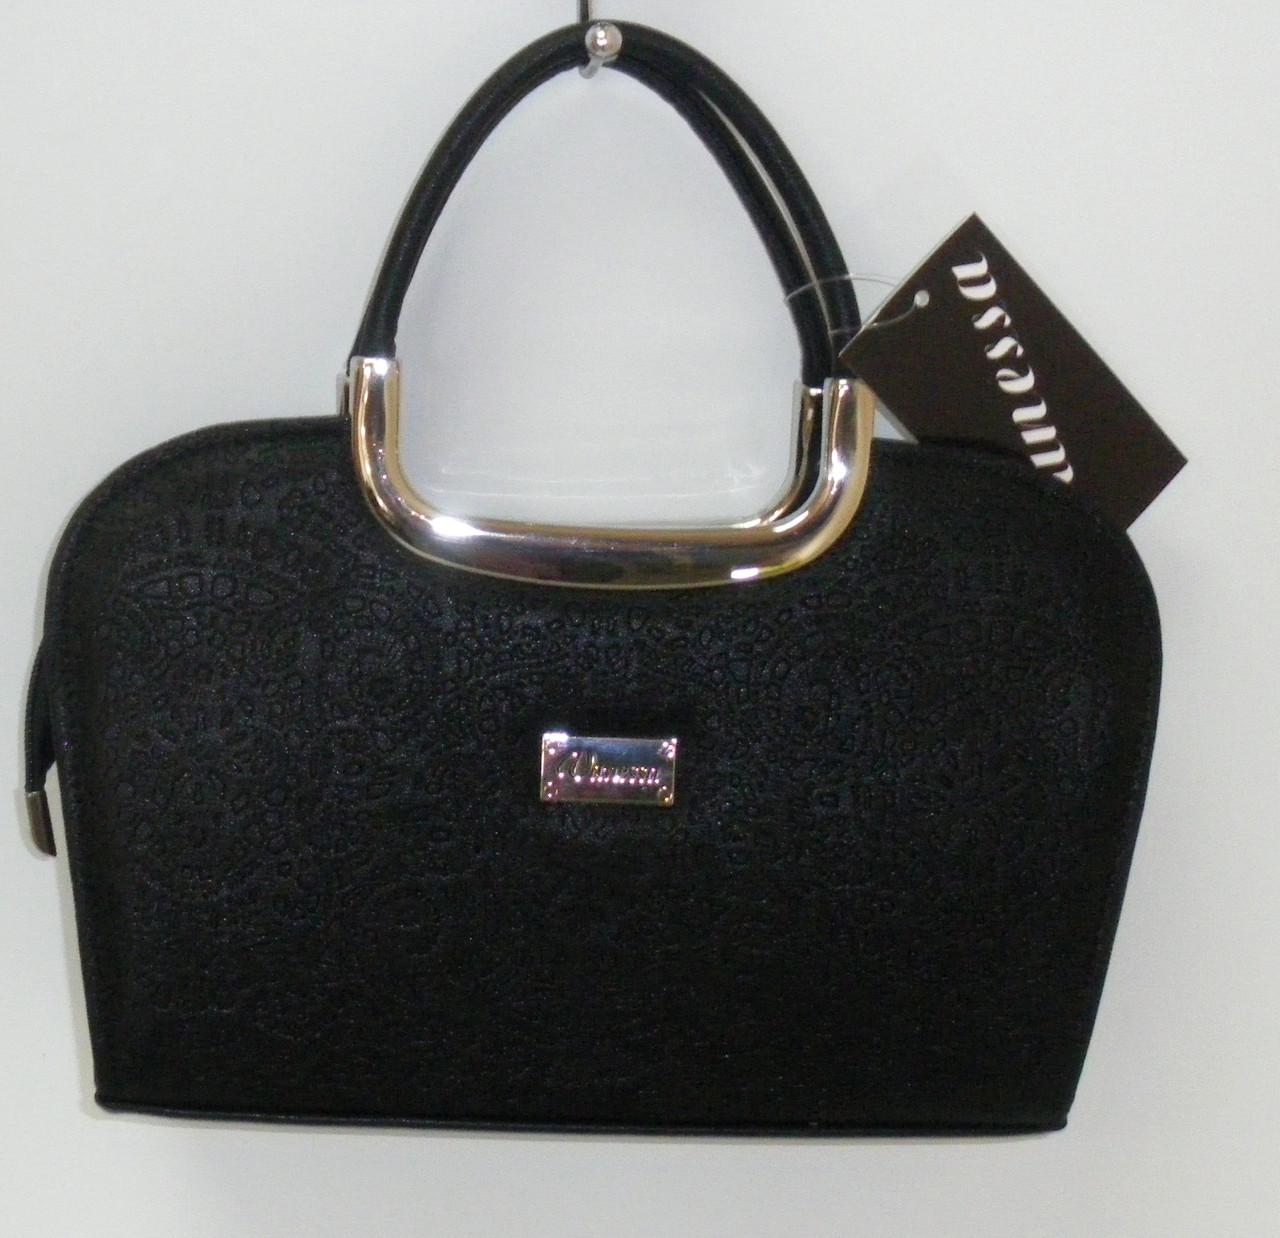 134cb18d97d1 Женская сумка-ридикюль черная: кожаная - Vanessa: продажа, цена в ...